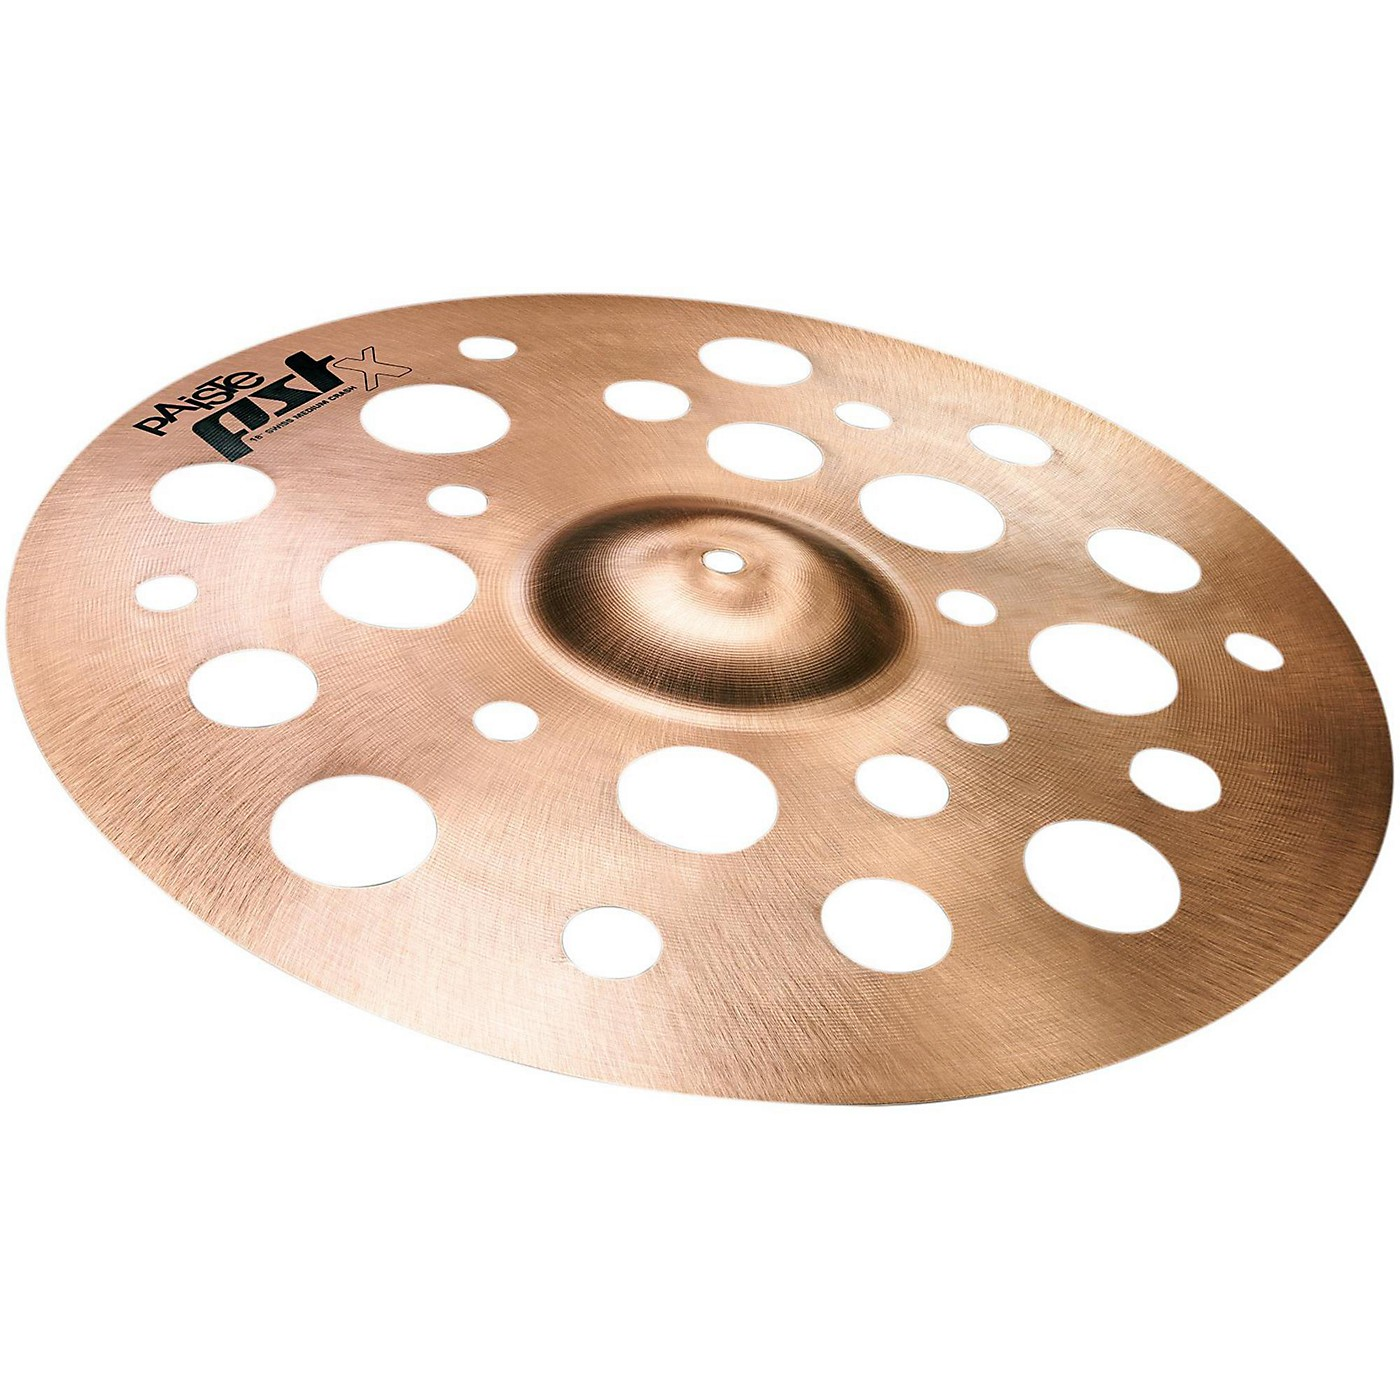 Paiste PST X Swiss Medium Crash Cymbal thumbnail